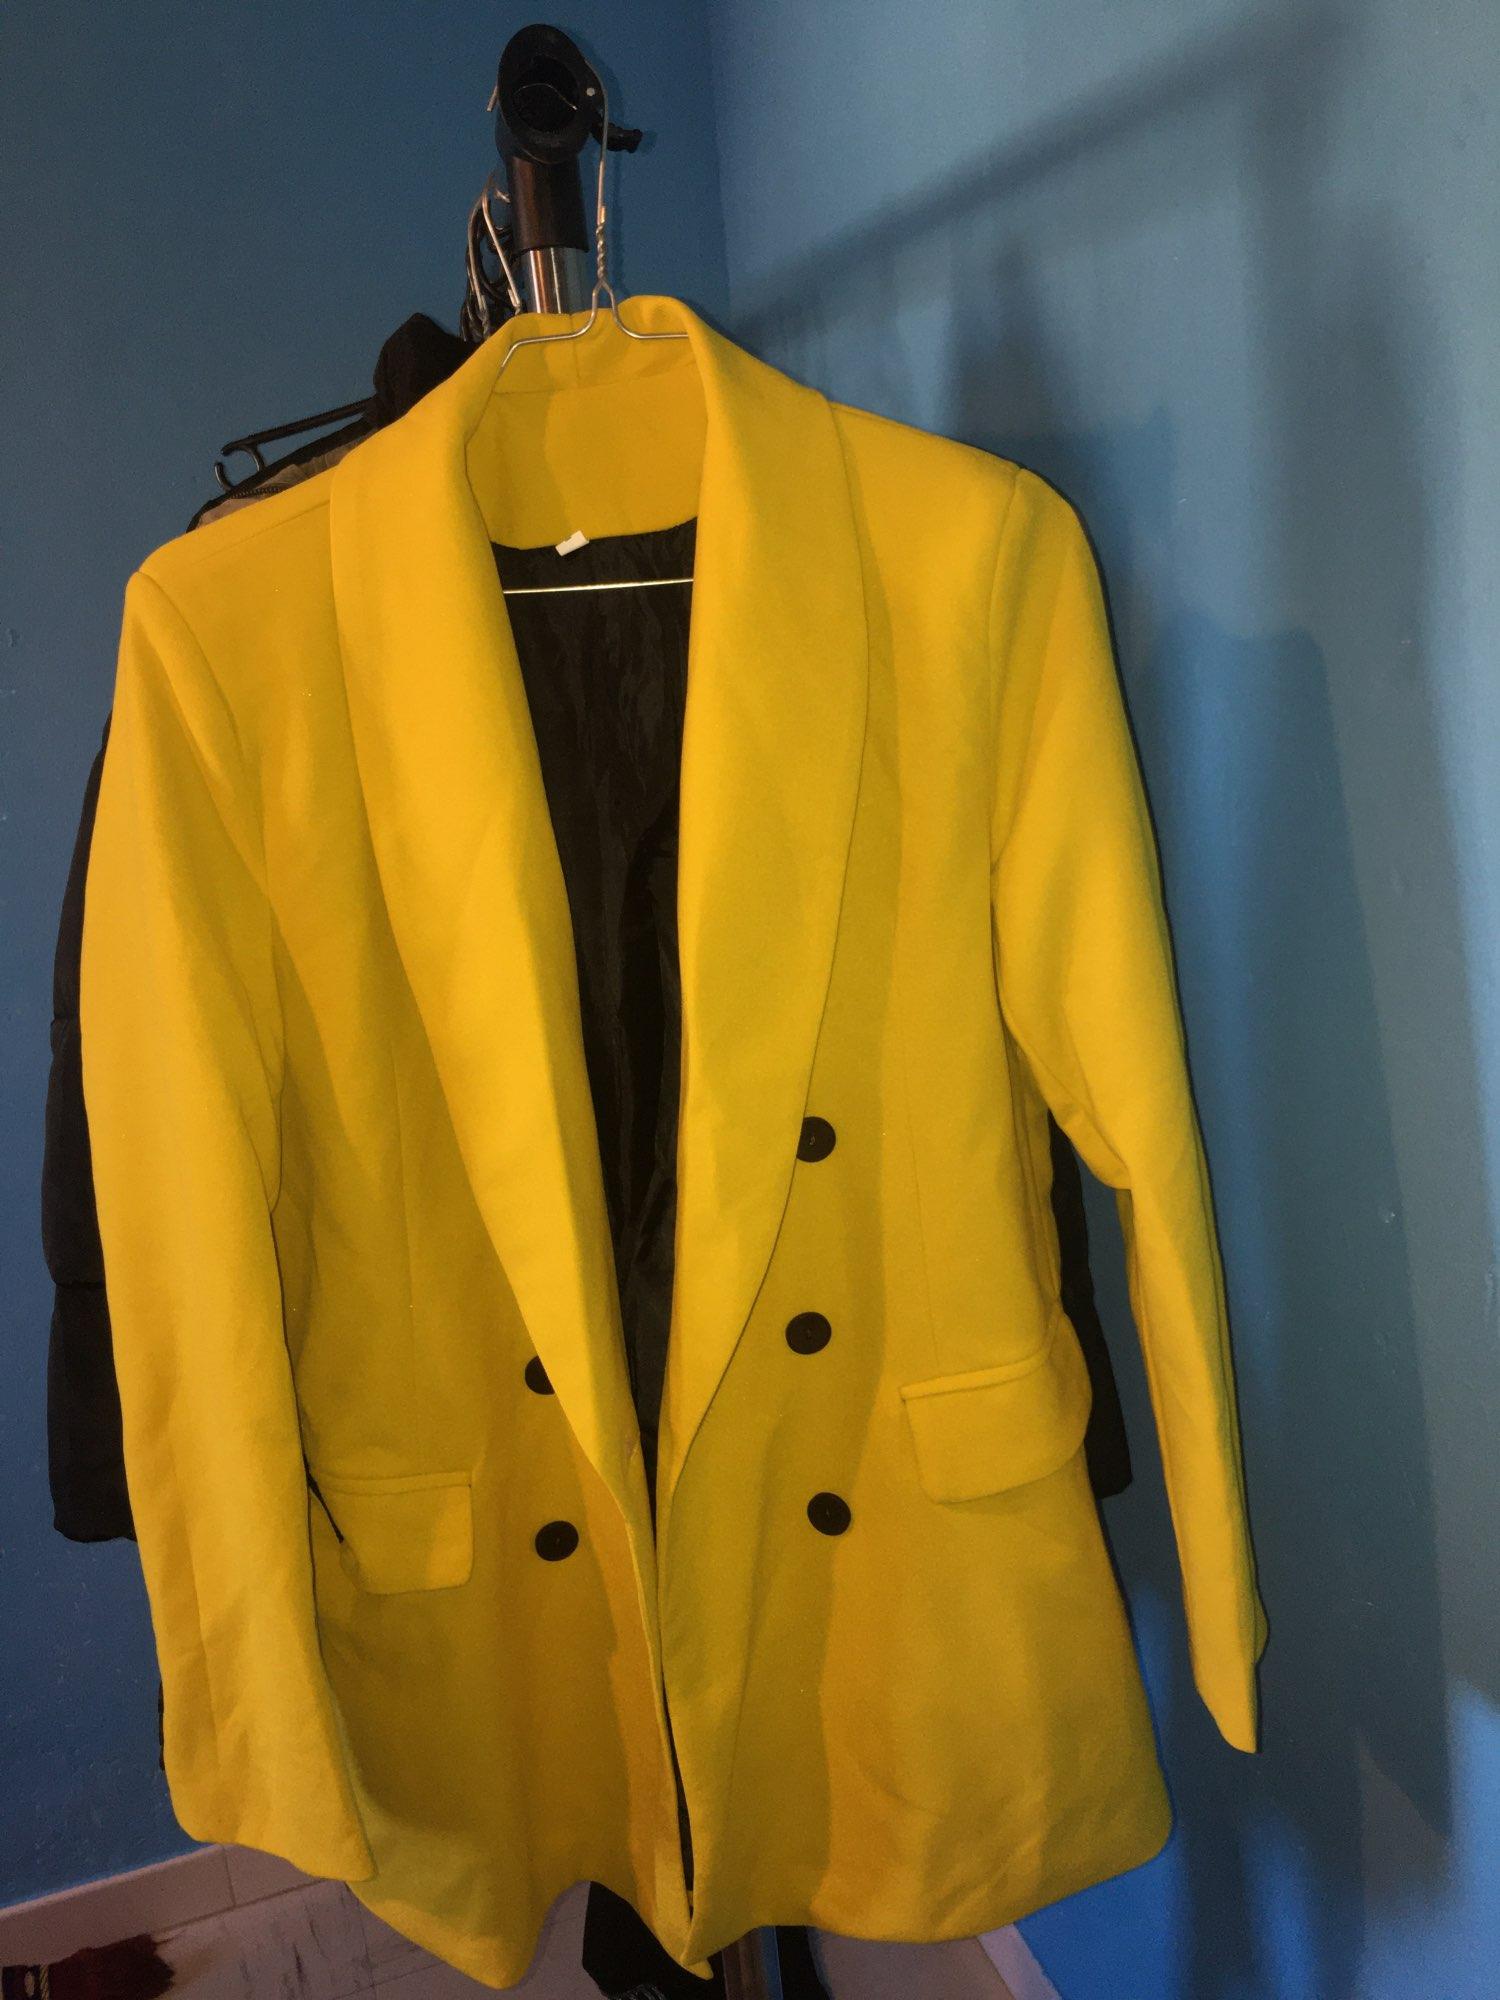 Purple Pants Suit Women Office Lady Blazer Jacket Coat+Pant 2 Piece Set Female 2021 Spring Autumn Elegant Casual Suits Outfits reviews №2 845117